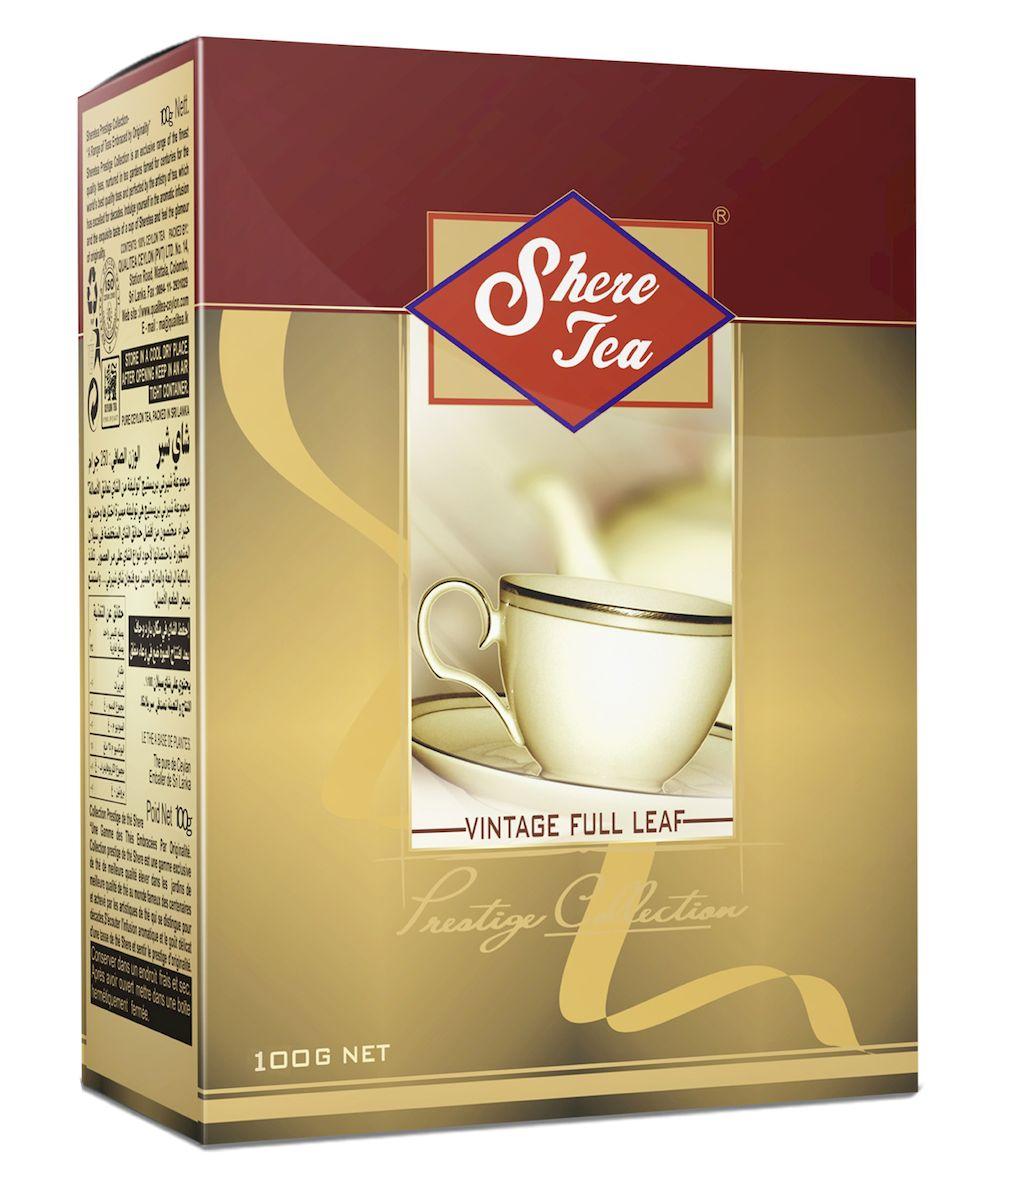 Shere Tea Престижная коллекция. OP1 чай черный листовой, 100 г4791014001218Чай Шери престижная коллекция. Листья для этого чая собирают с кустов после того, как почки полностью раскрываются. Для этого сорта собирают первый и второй лист с ветки. В сухой заварке листья должны быть крупными (от 8 до 15 мм), однородными, хорошо скрученными. Этот сорт практически не содержит типсов. Этот сорт имеет достаточно высокое содержание ароматических масел, и поэтому настой чай очень ароматен. Также этот чай характерен вкусом с горчинкой благодаря большому содержанию дубильных веществ.Кофеина в этом чае немного меньше, так как в нем используют более взрослые листы, в которых содержание кофеина меньше, чем в типсах и молодых листах. В конце аббревиатуры стандарта можно увидеть цифру 1. Эта цифра обозначает более высокое качество, чем среднее, более высокое содержание типсов, самые отборные листья, очень ровную и особенно аккуратную скрутку листьев. Чай имеет яркий, прозрачный, интенсивный, настой. Вкус полный, терпкий, слегка вяжущий. Аромат чая полный, приятный, выражен достаточно ярко.Всё о чае: сорта, факты, советы по выбору и употреблению. Статья OZON Гид